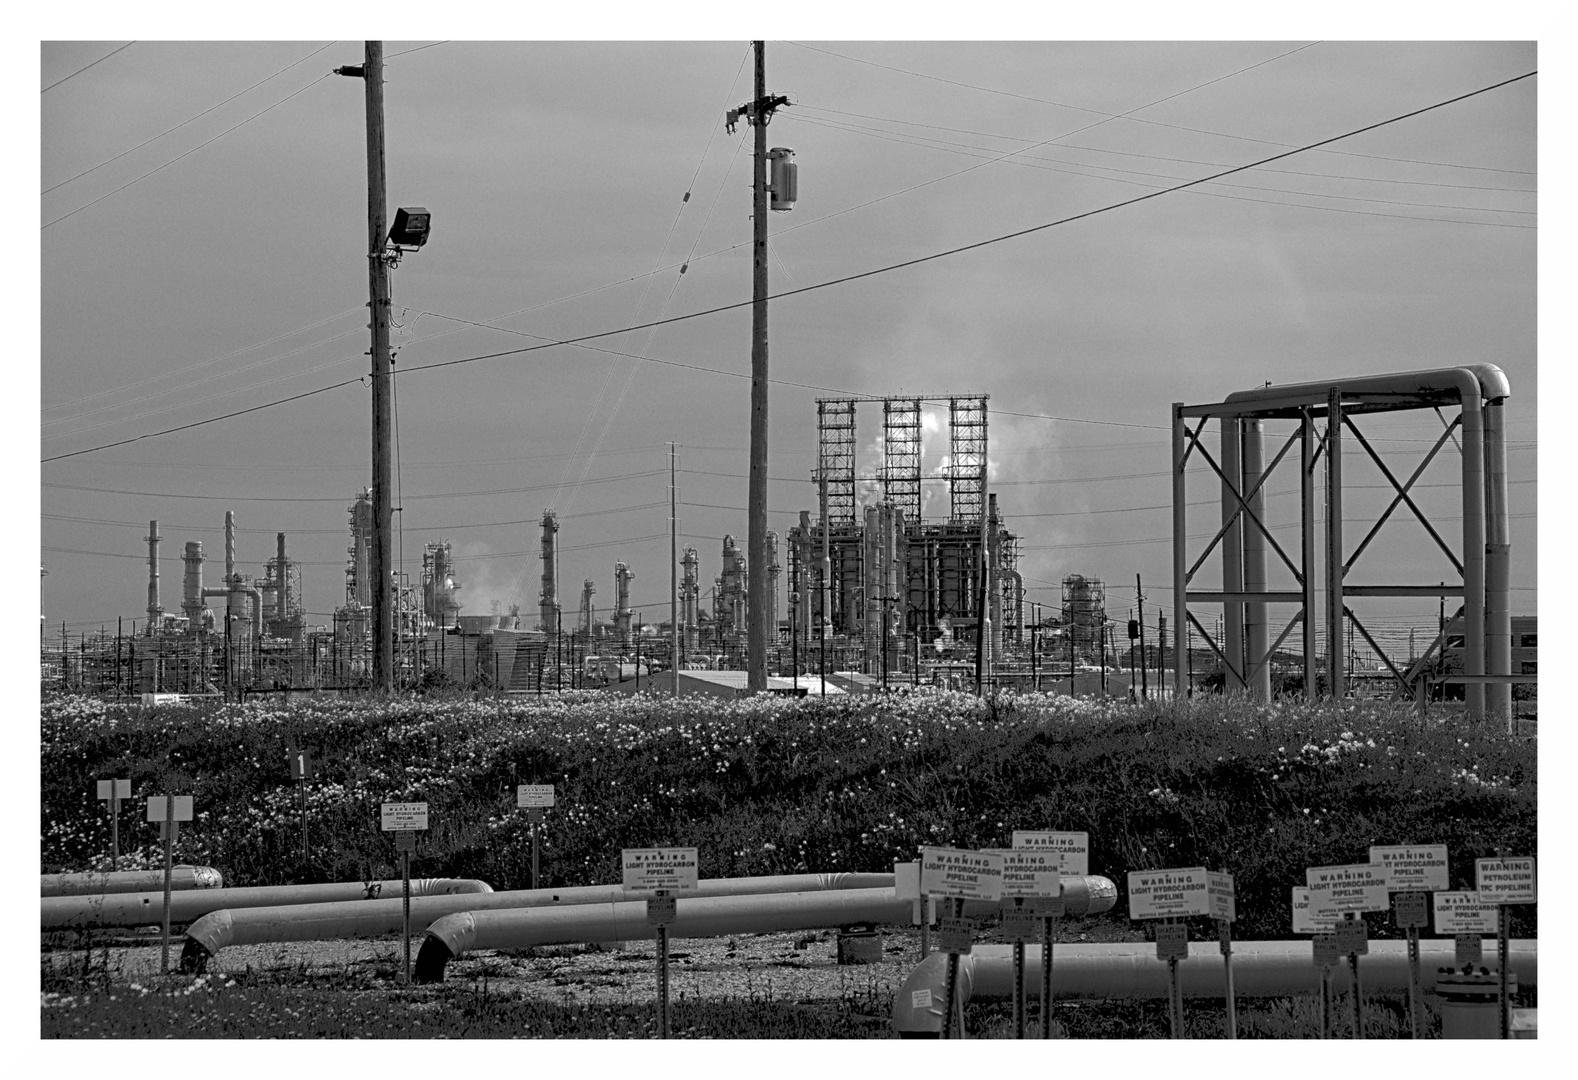 Raffinerie in Texas